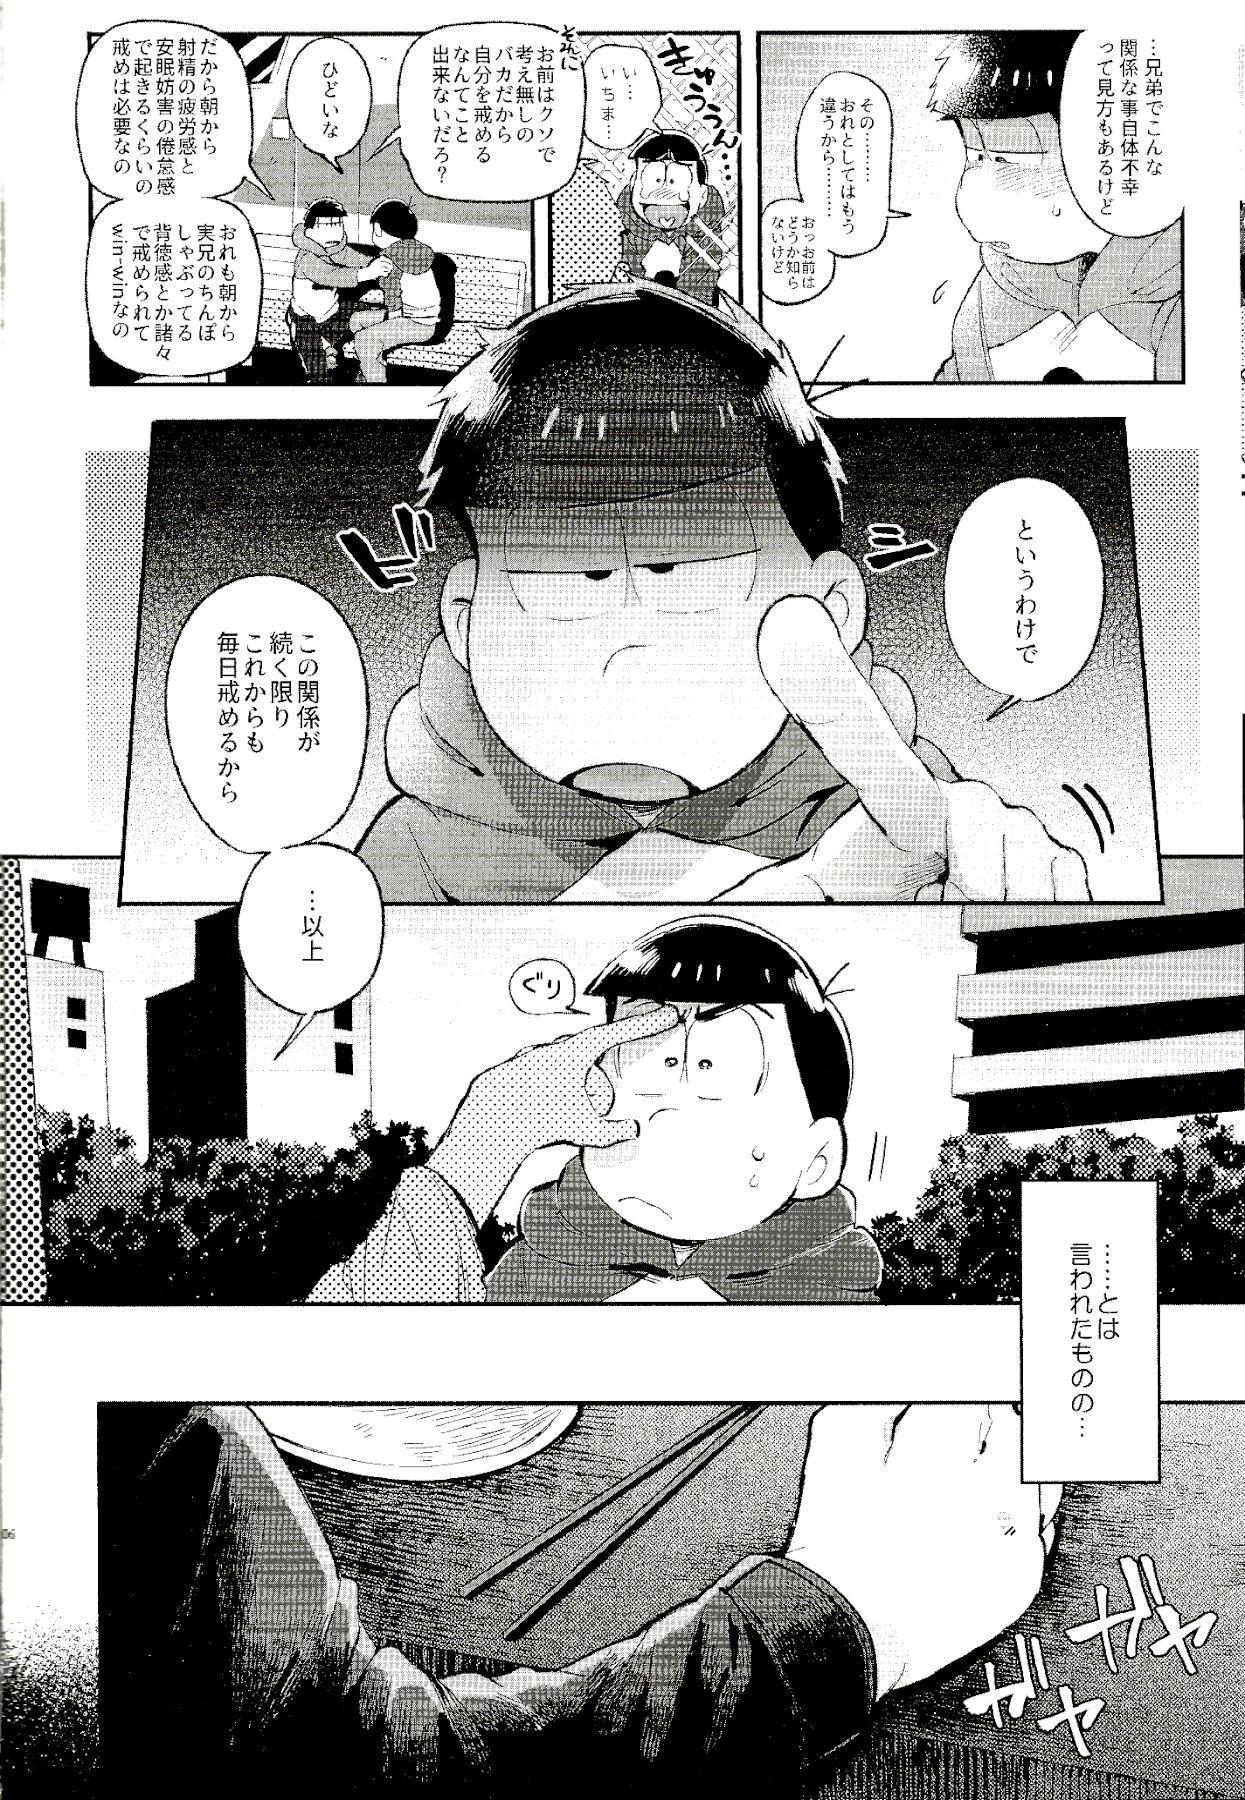 Kore ga Bokura no Imashime Riron 4